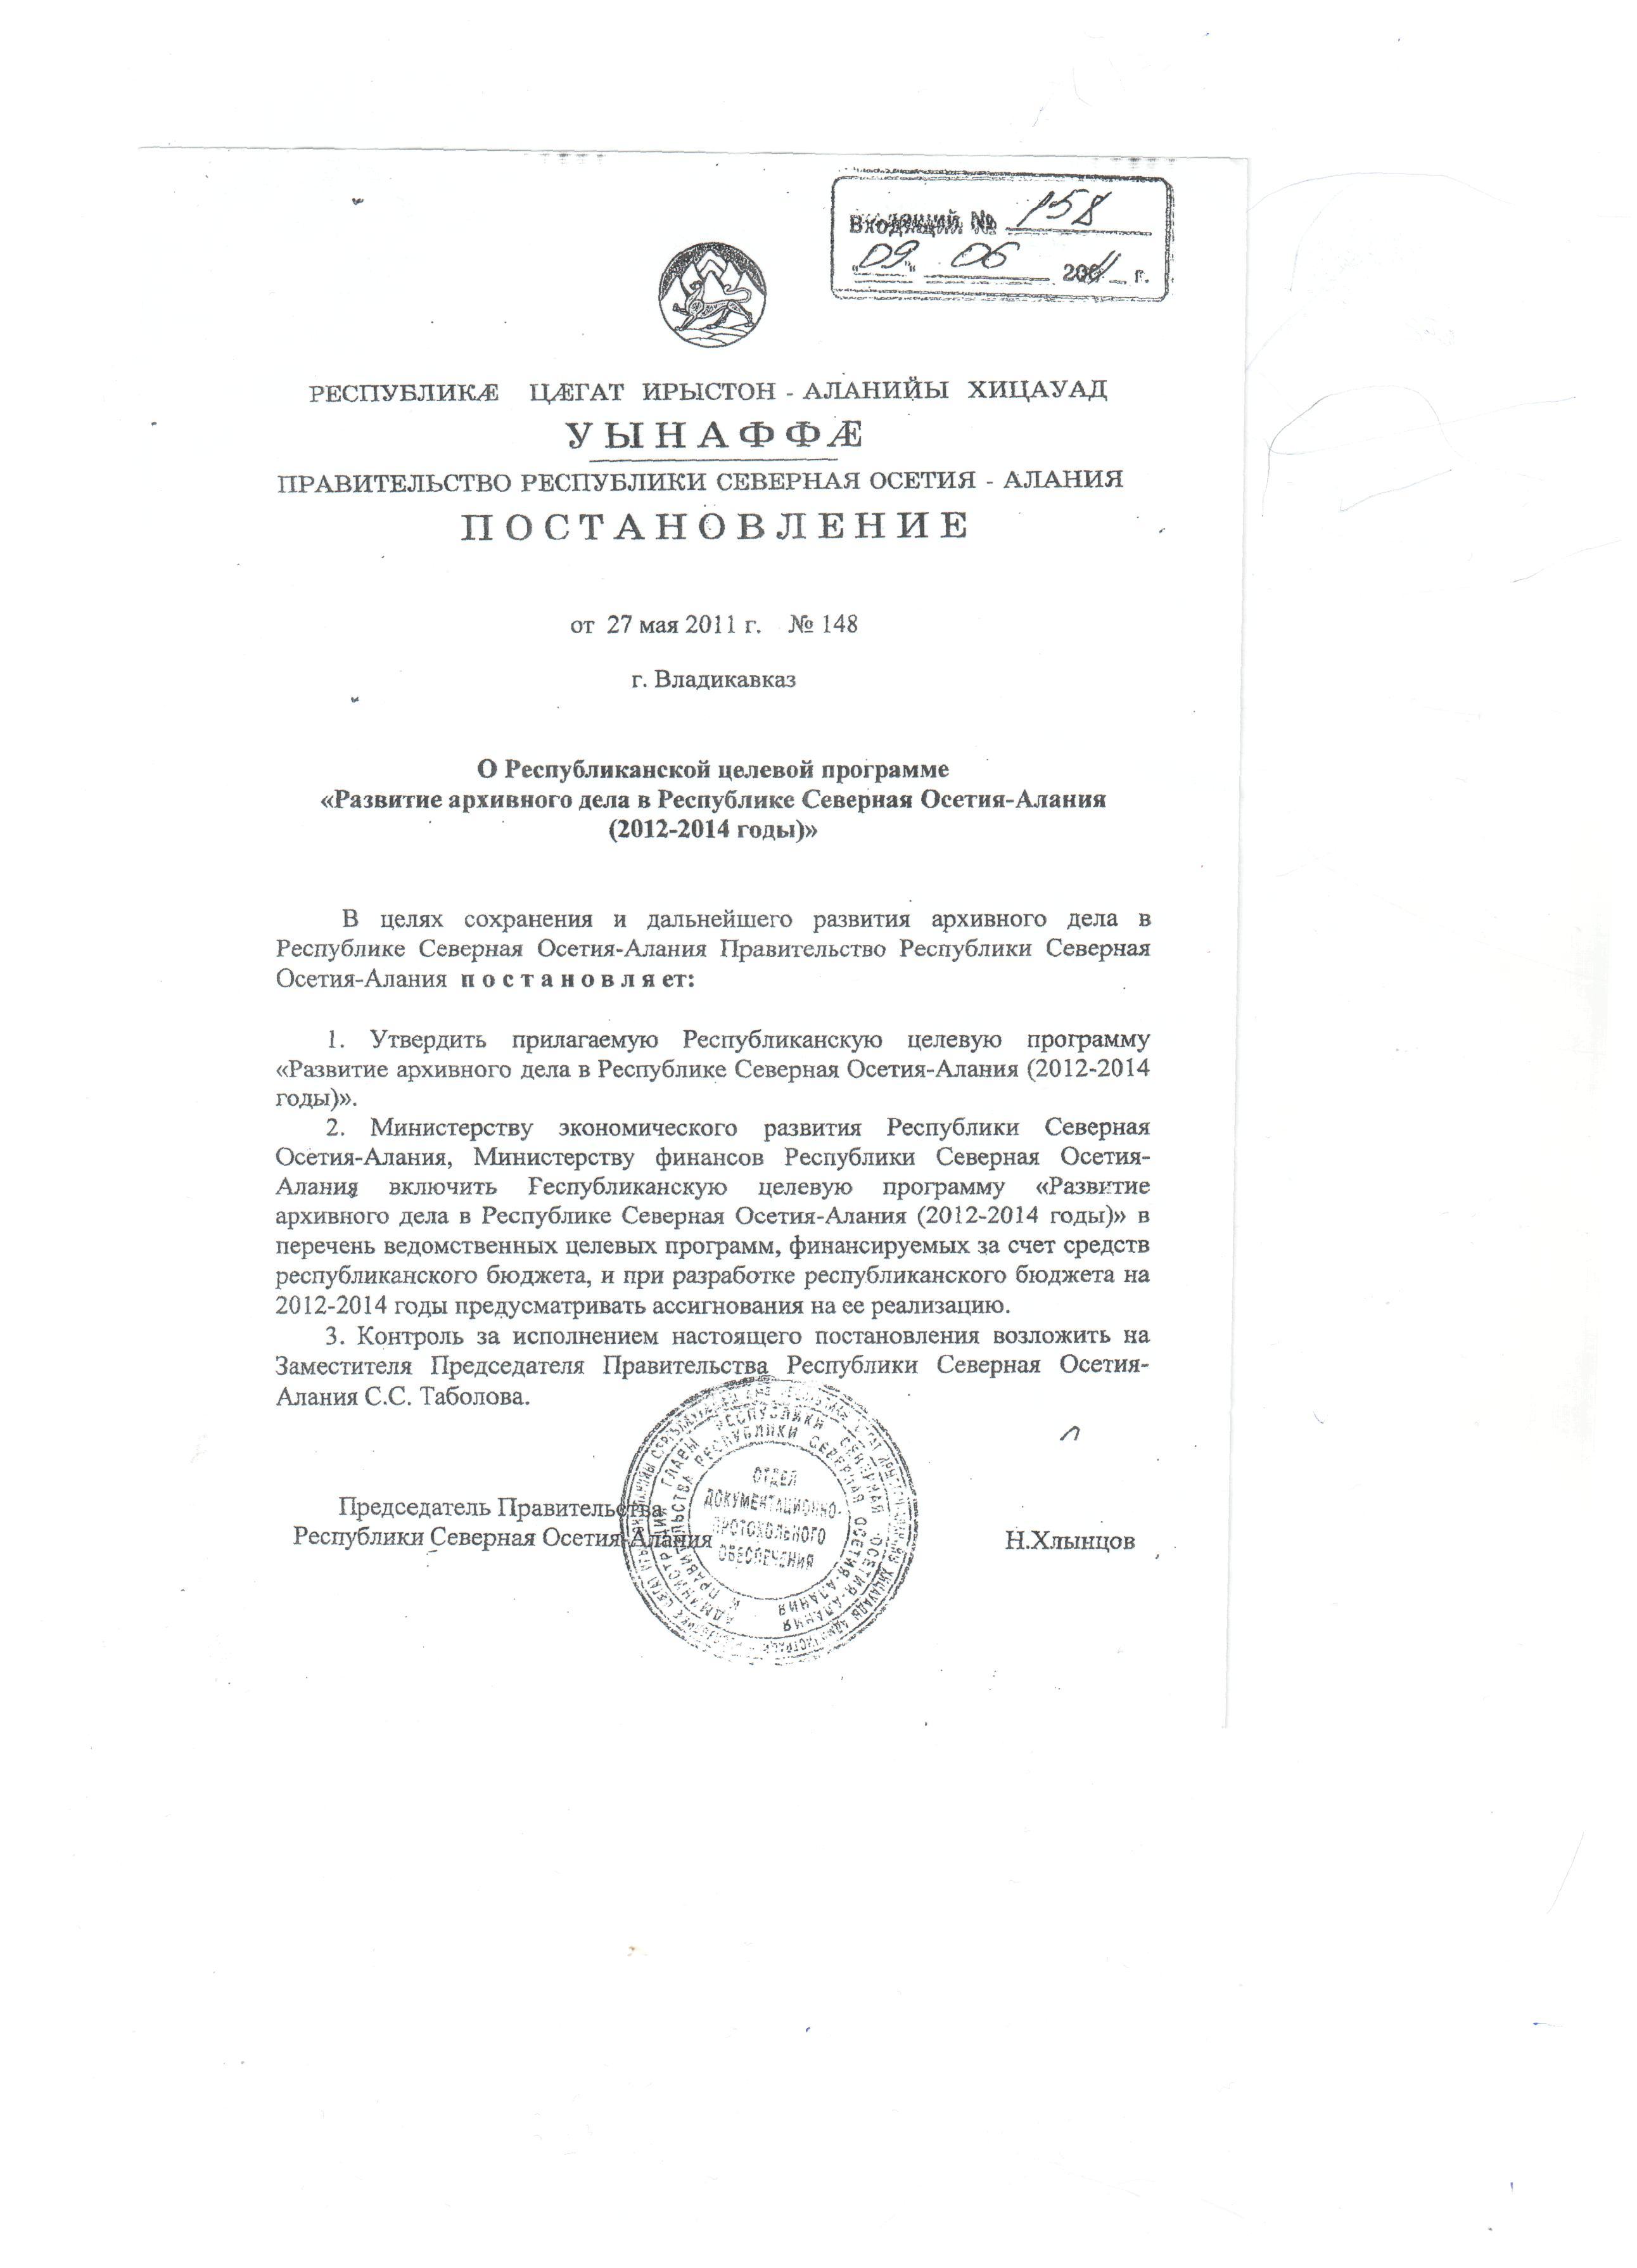 Карта-схема республики Северная Осетия-Алания. Купить иллюстрацию ... | 3579x2584